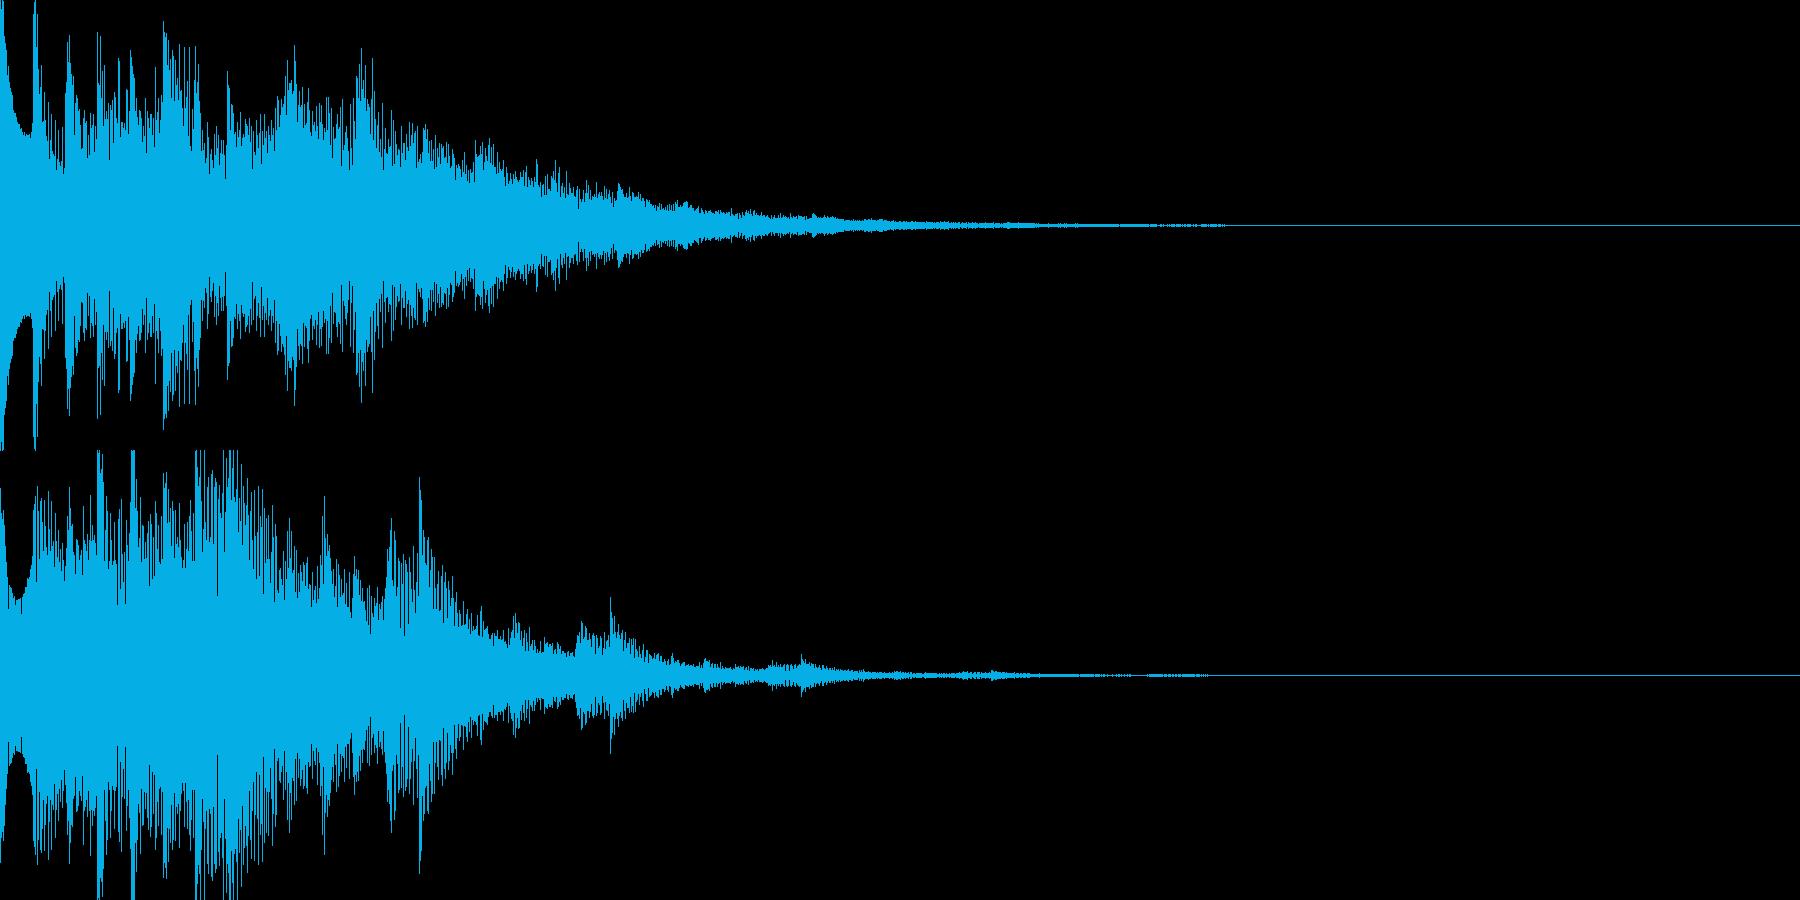 スタート音07の再生済みの波形